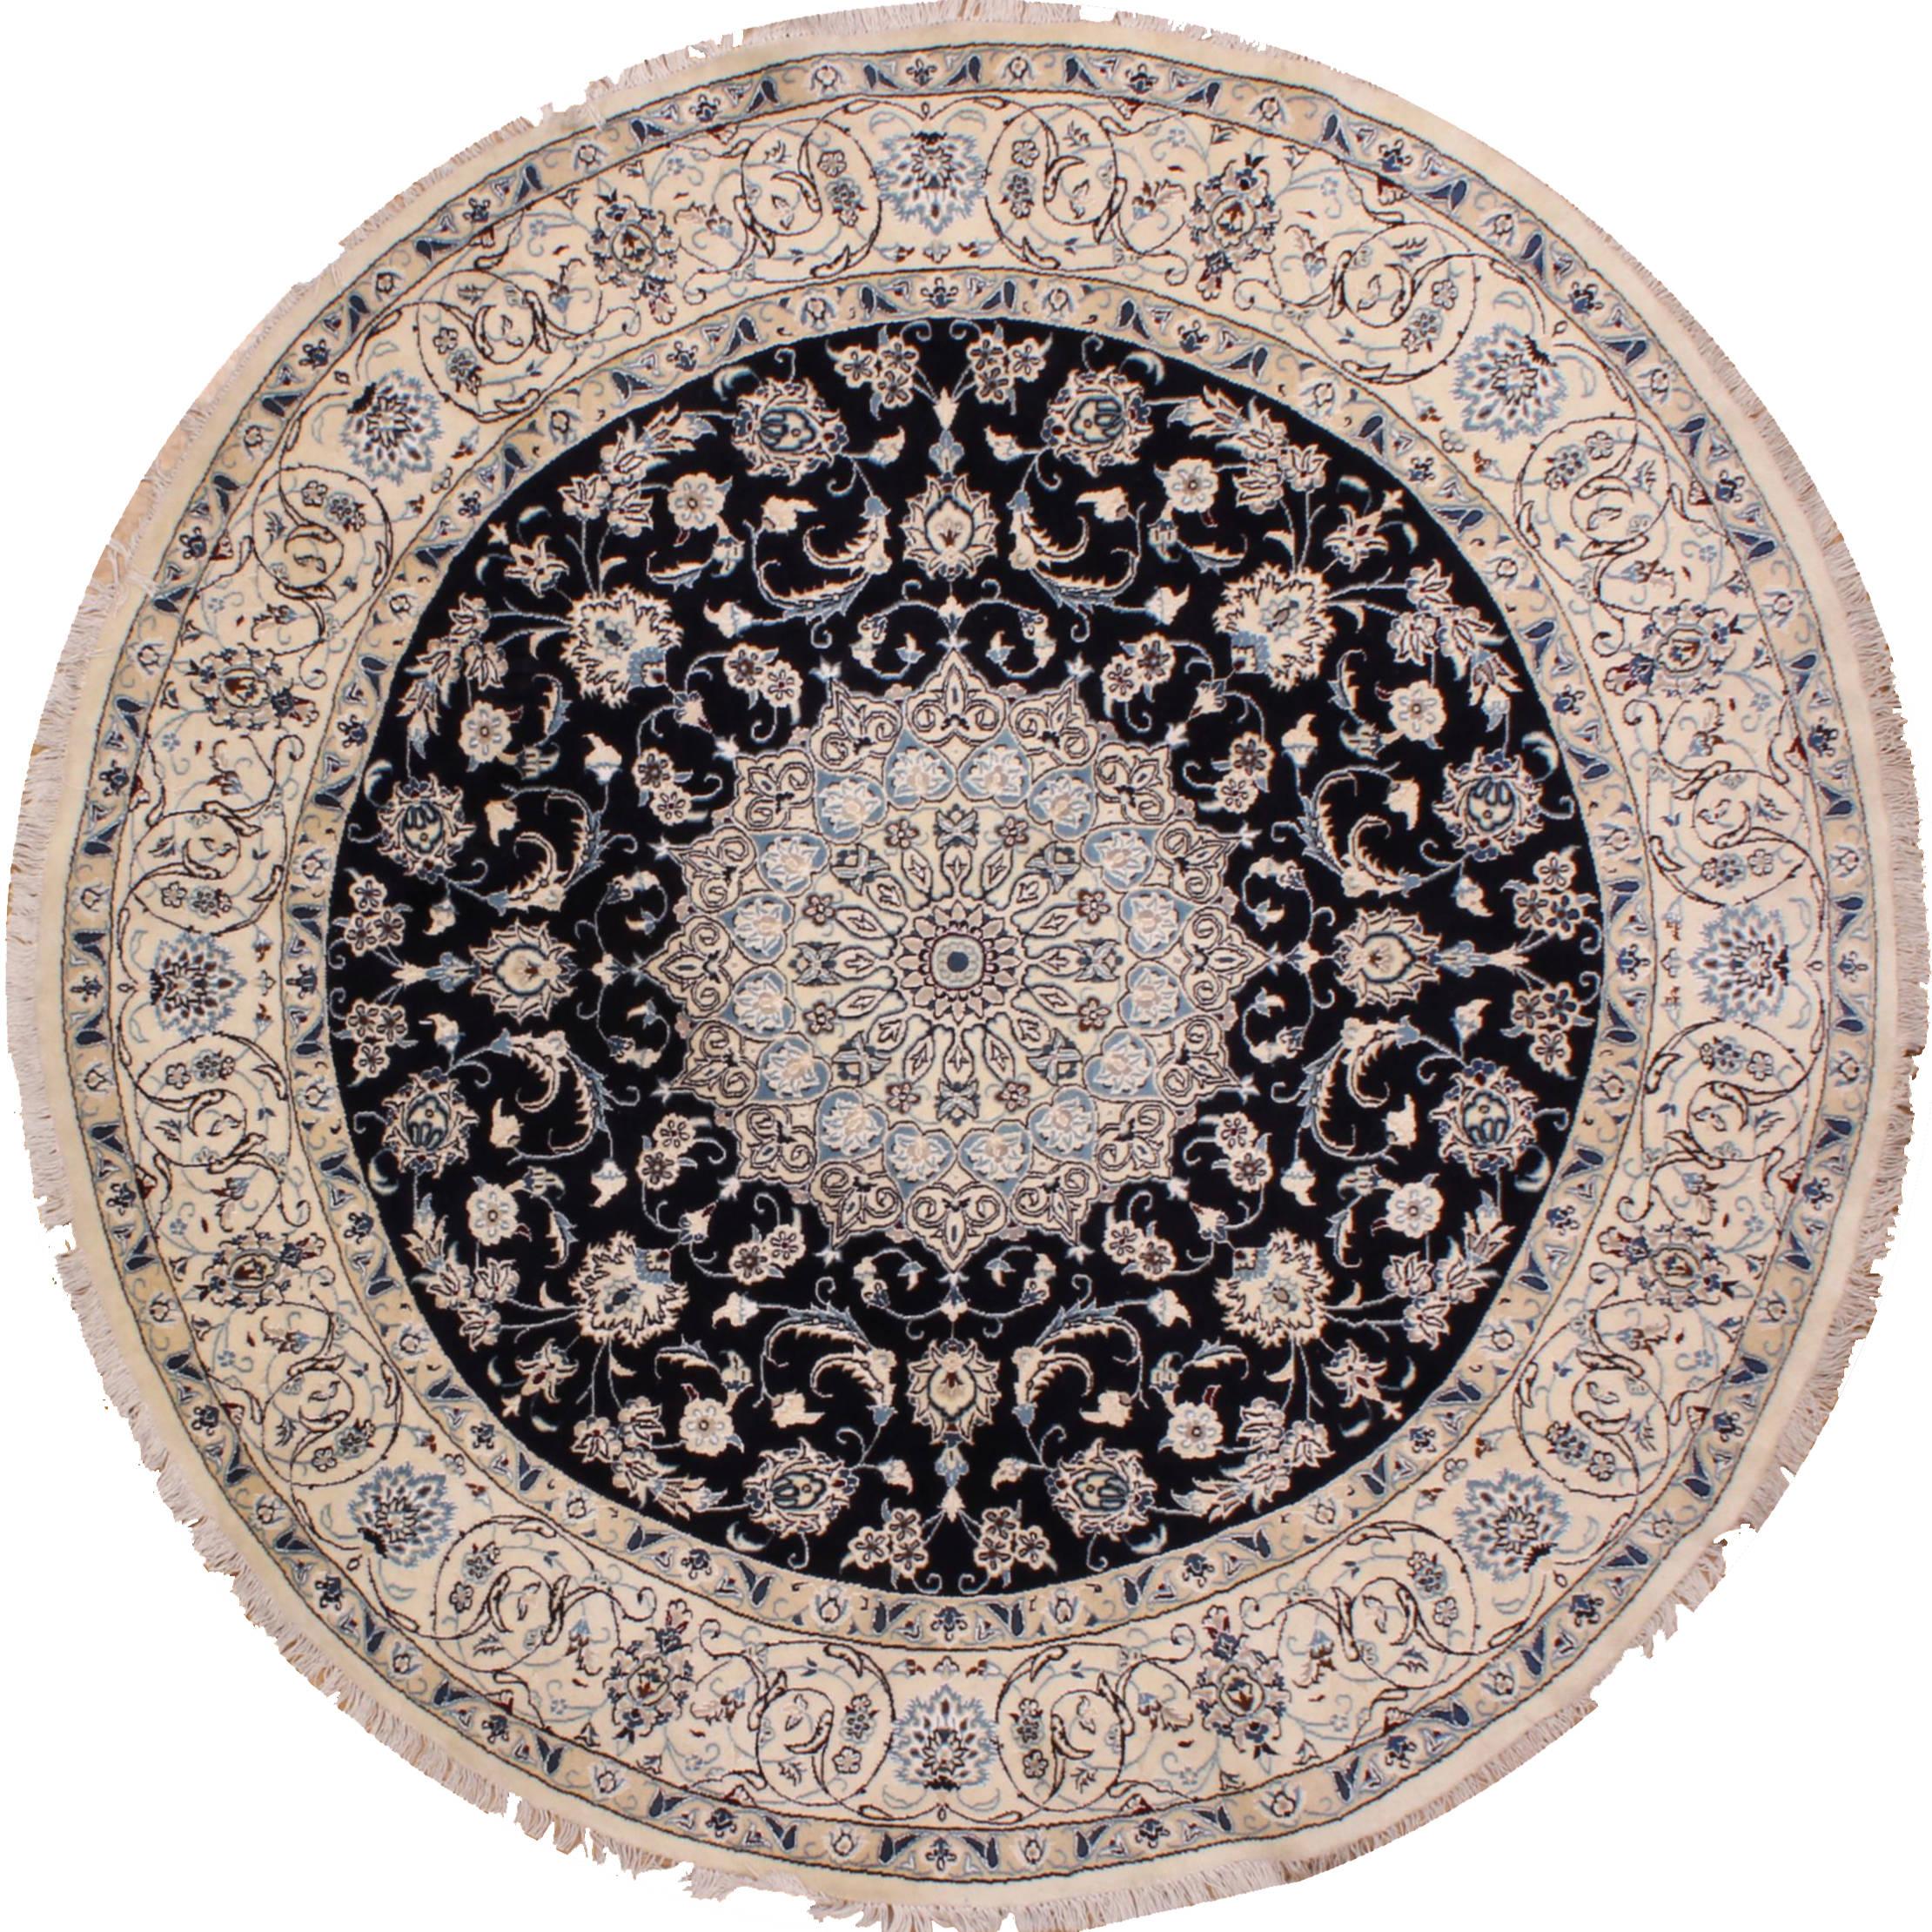 Persian Nain Blue Round 7 To 8 Ft Wool Carpet 31014 Sku 31014